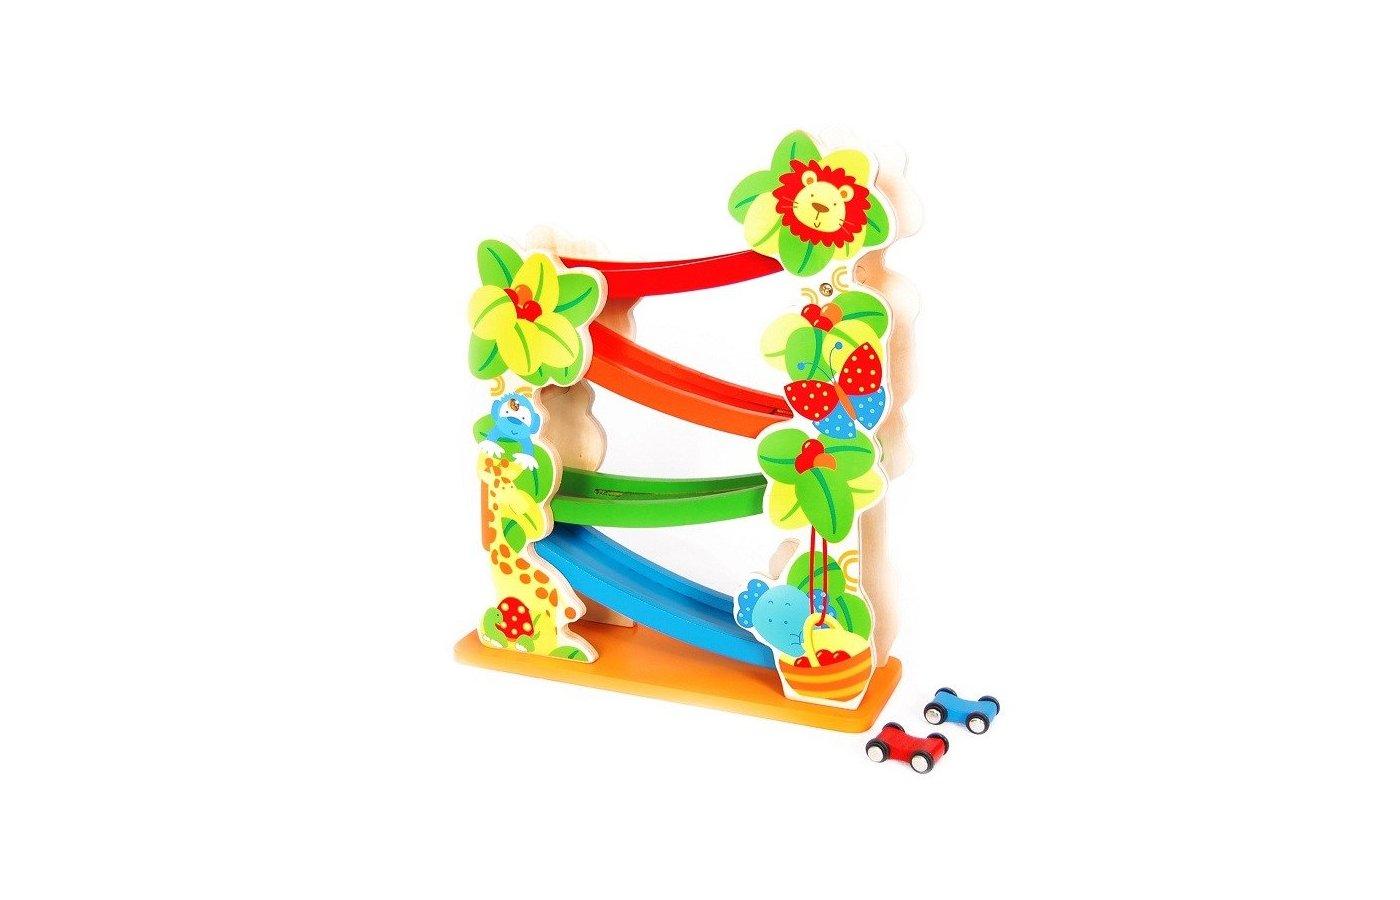 Игрушка Altacto 6768 Деревянная игрушка Горка